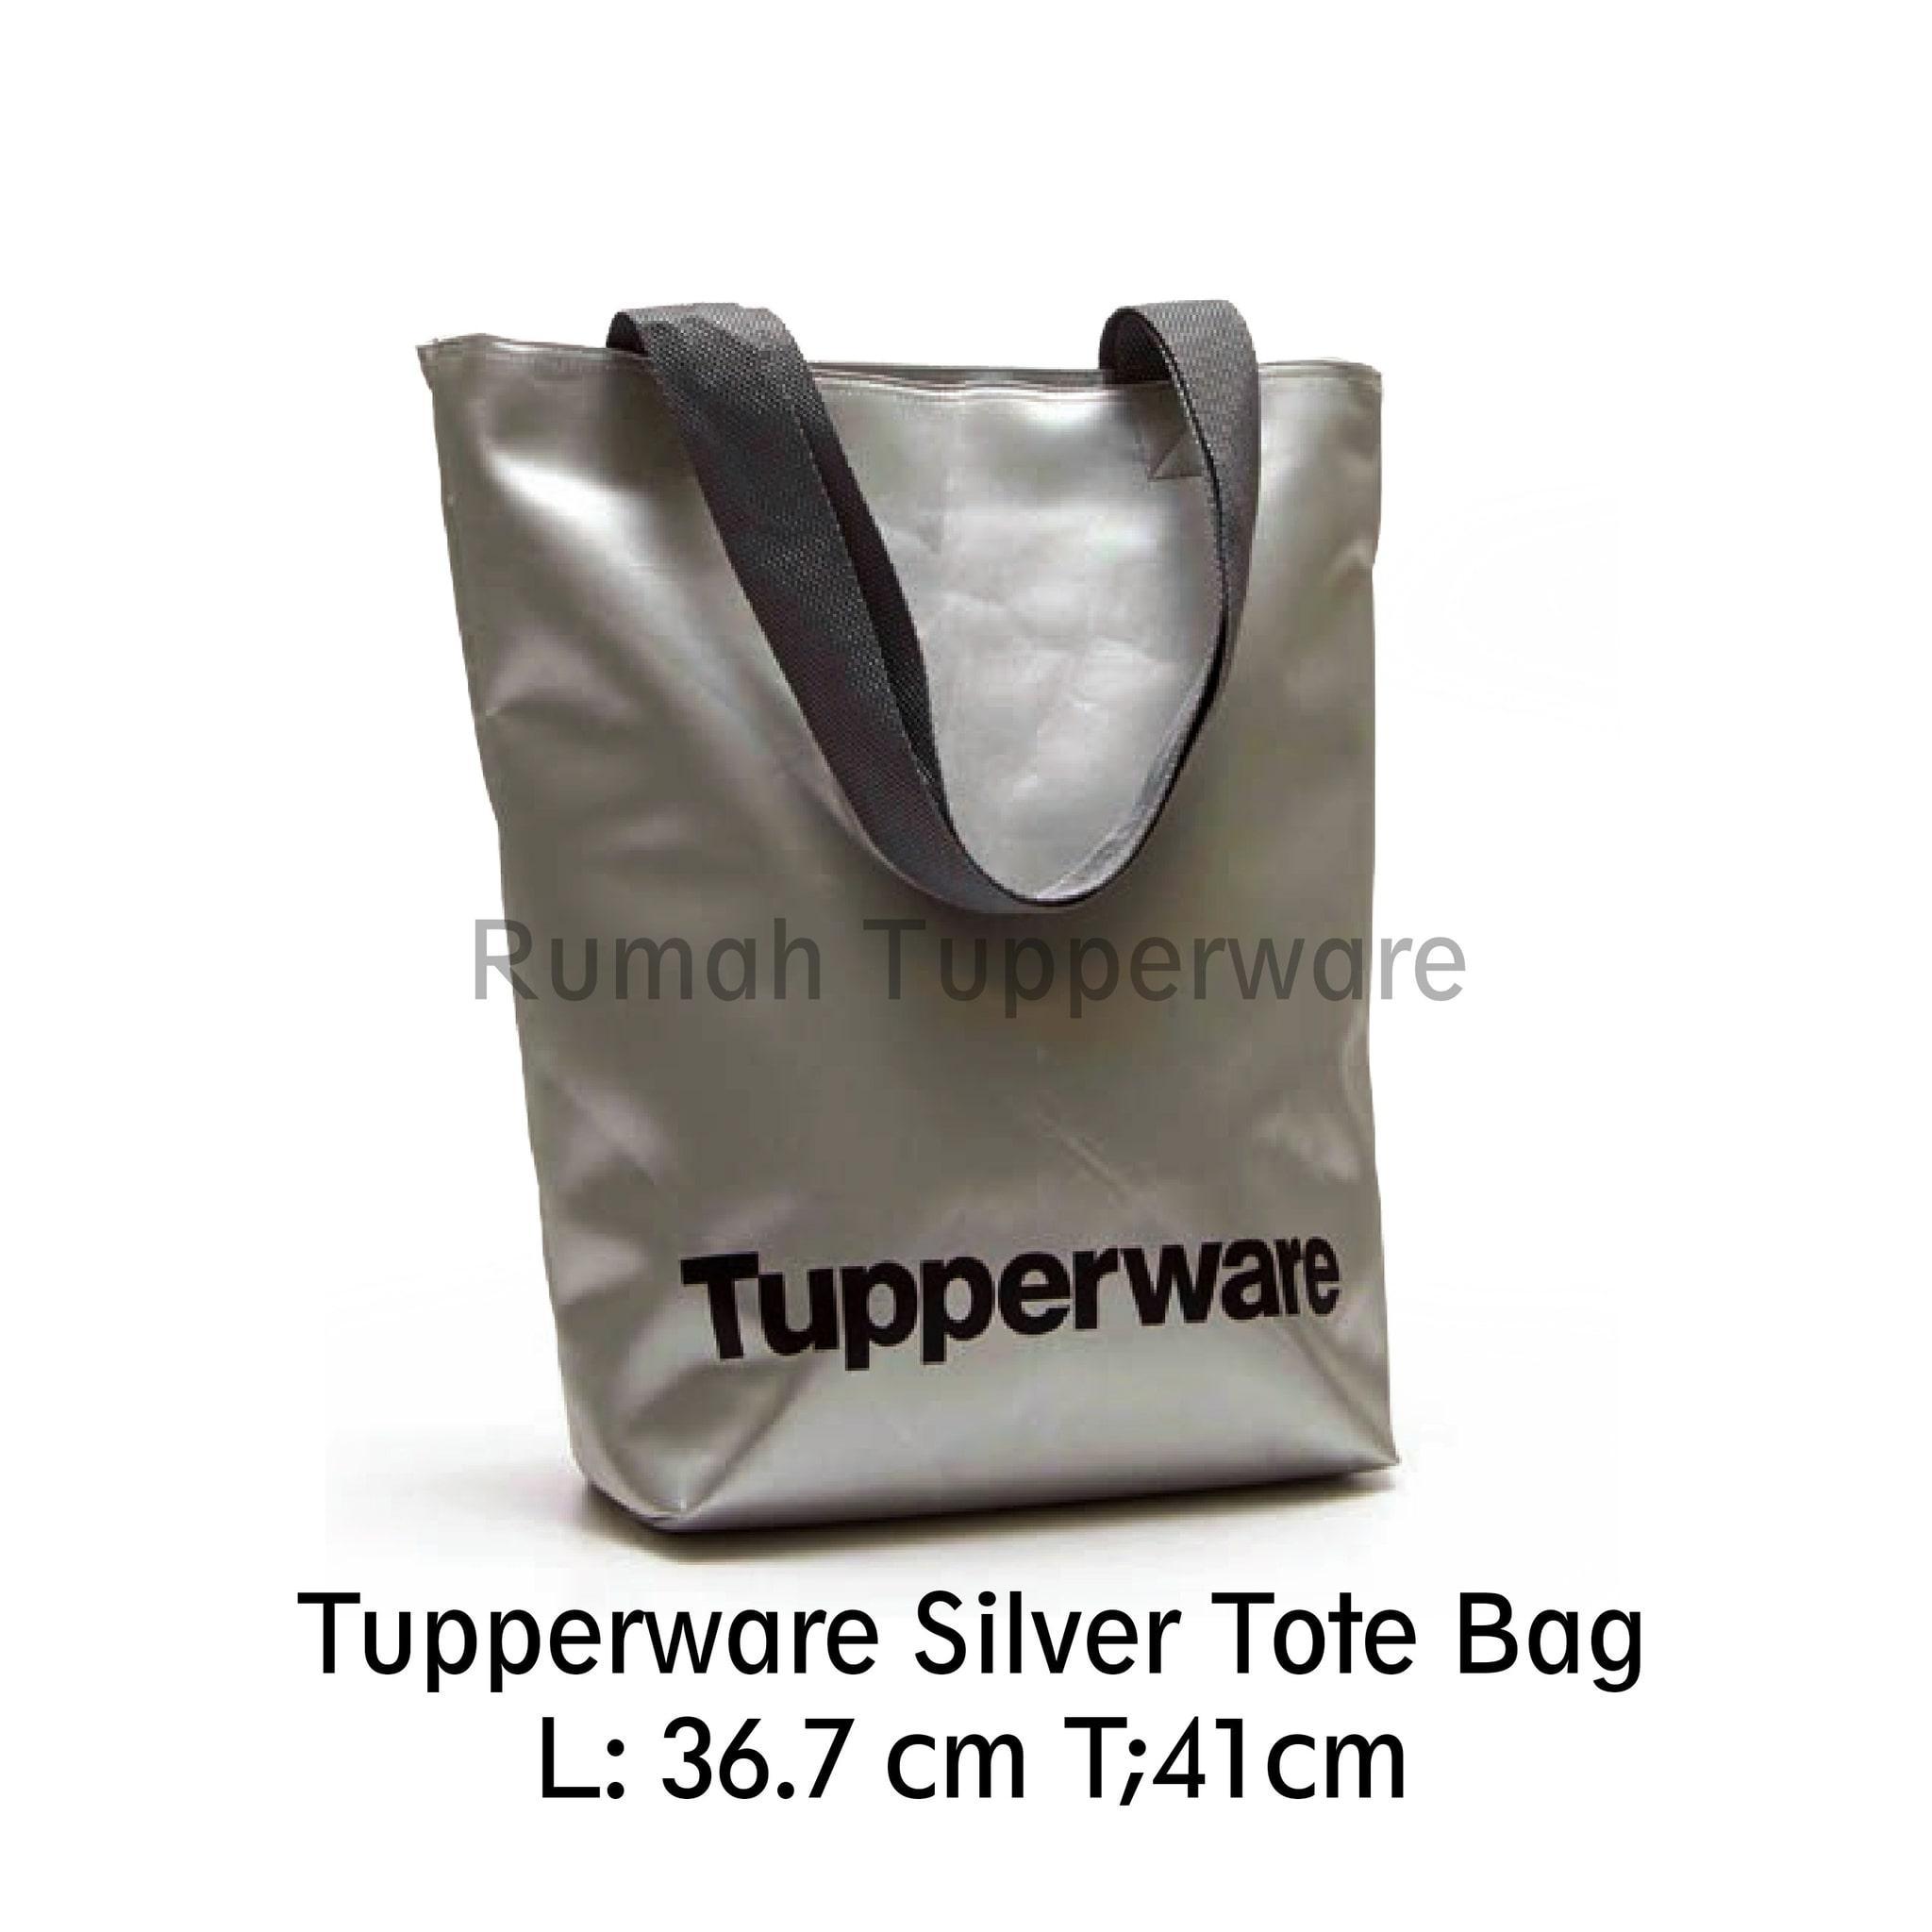 Tupperware Silver Tote Bag (Tas Original)